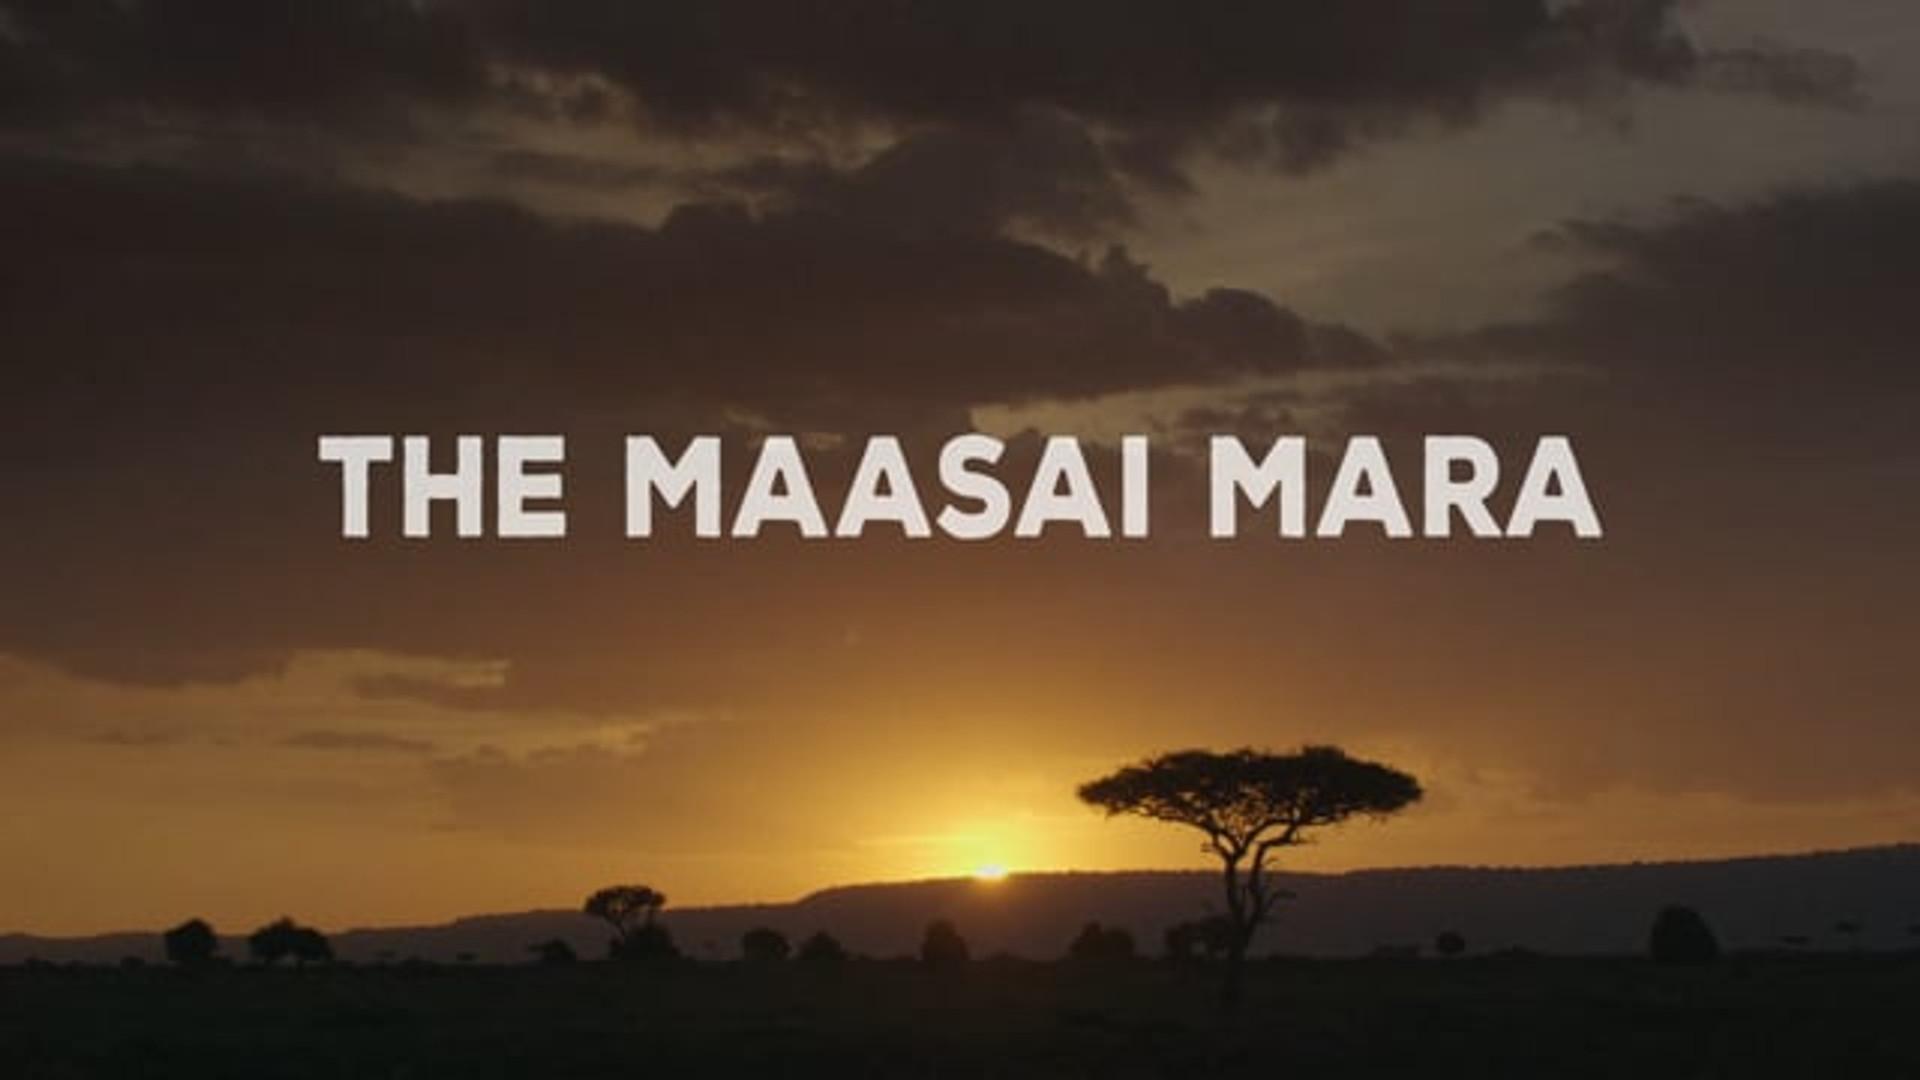 Maasai Mara | Reuters Documentary